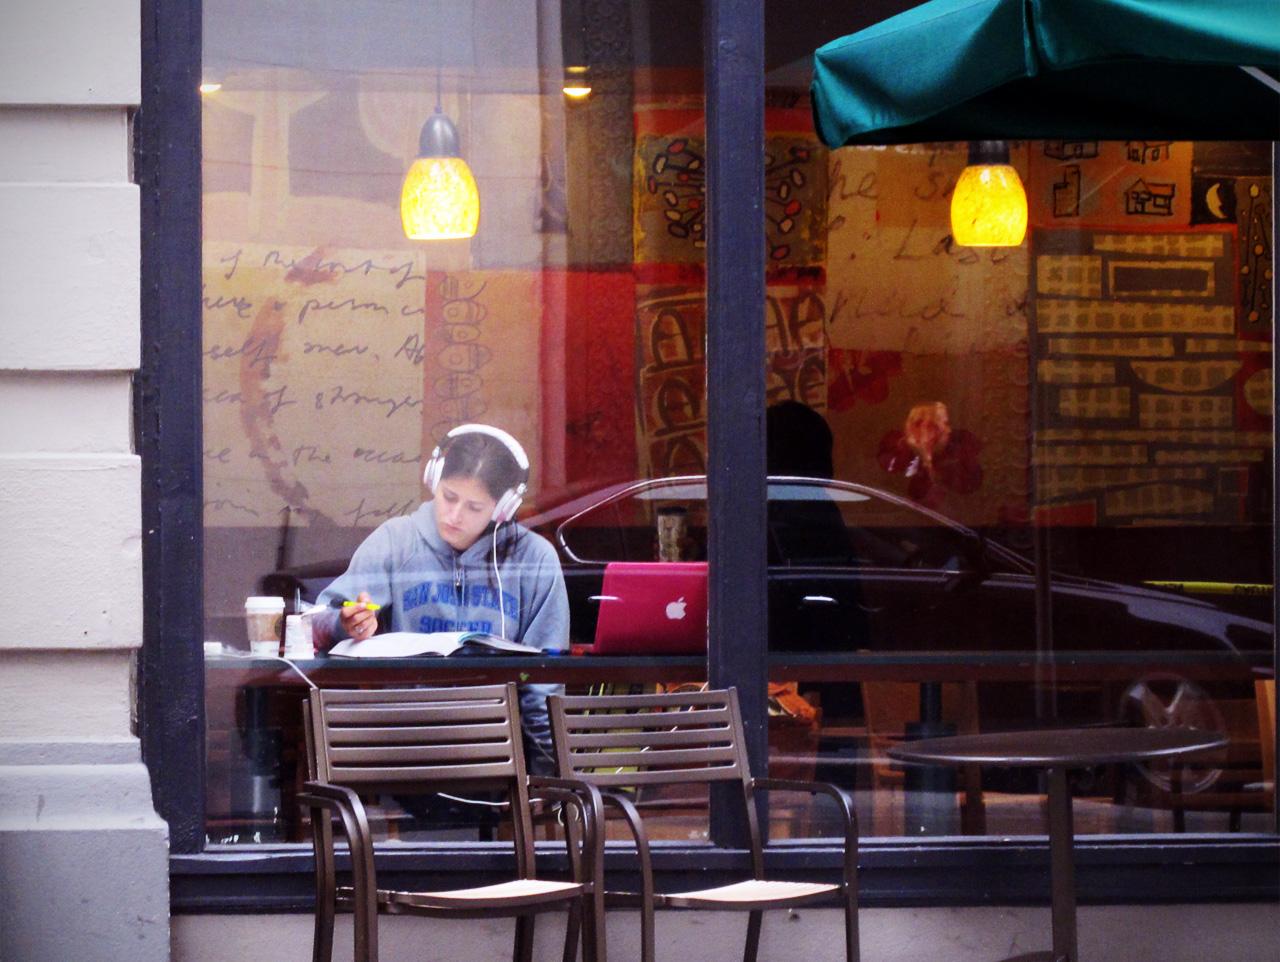 Frau mit Kopfhörer, Laptop und Papier hinter einem Starbucks-Schaufenster